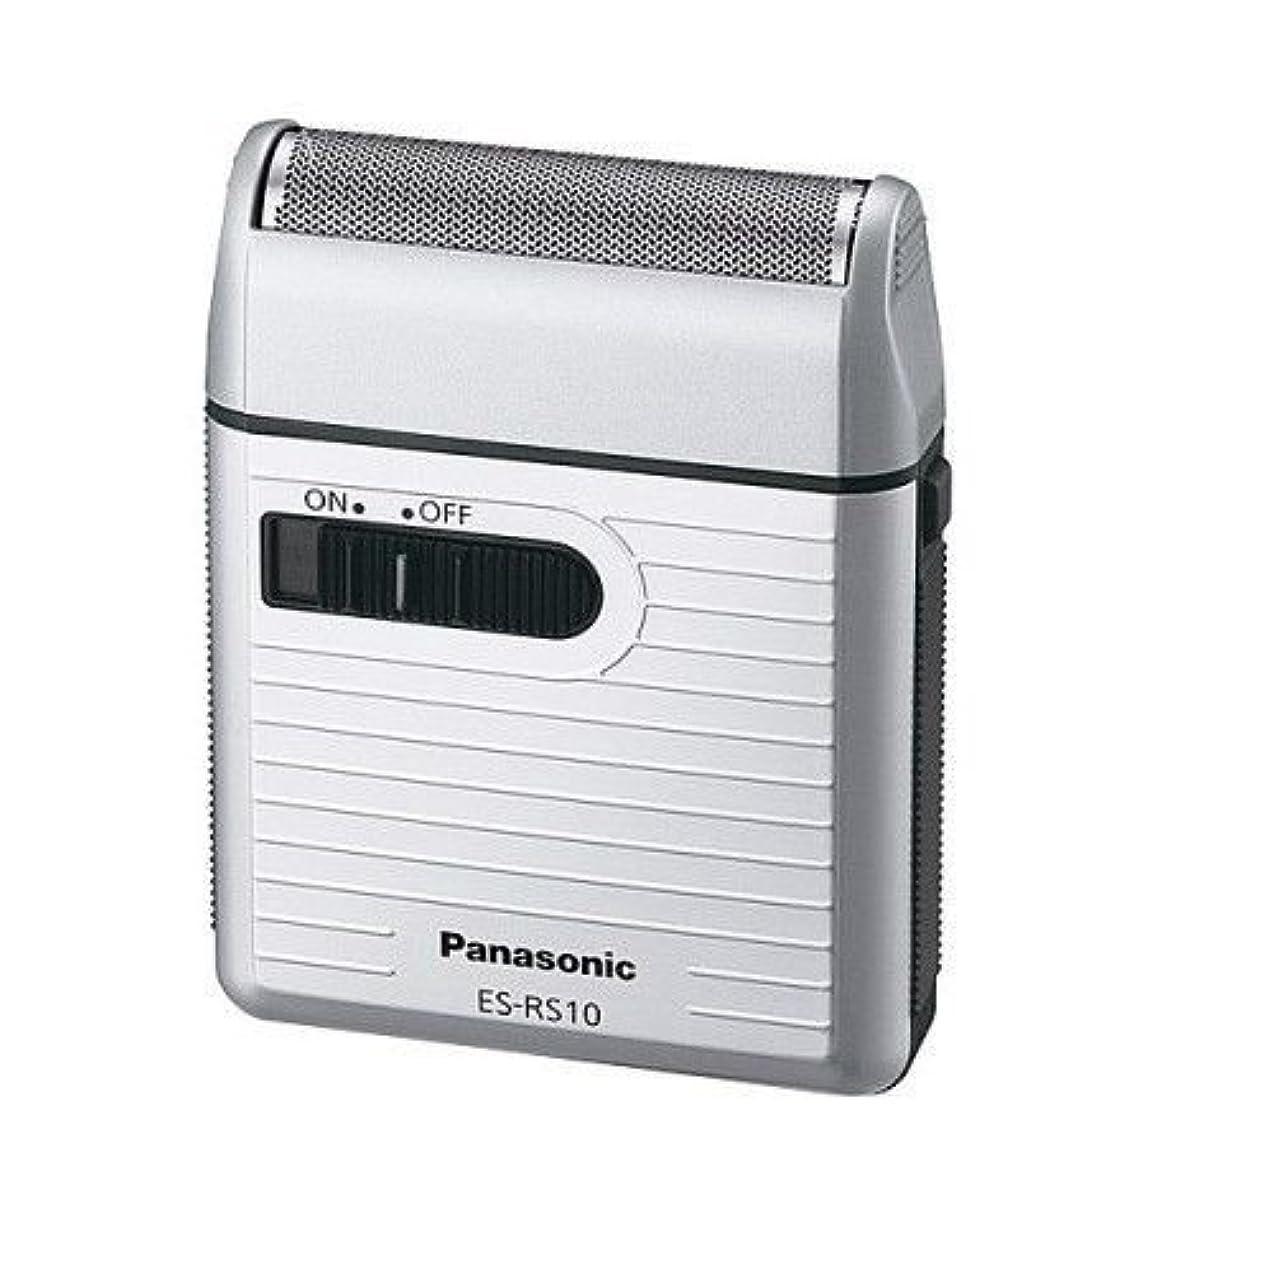 降臨逆さまに牛肉Panasonic ES-RS10-S ンズポケットシェーバーシルバー ESRS10 日本製 [並行輸入品]